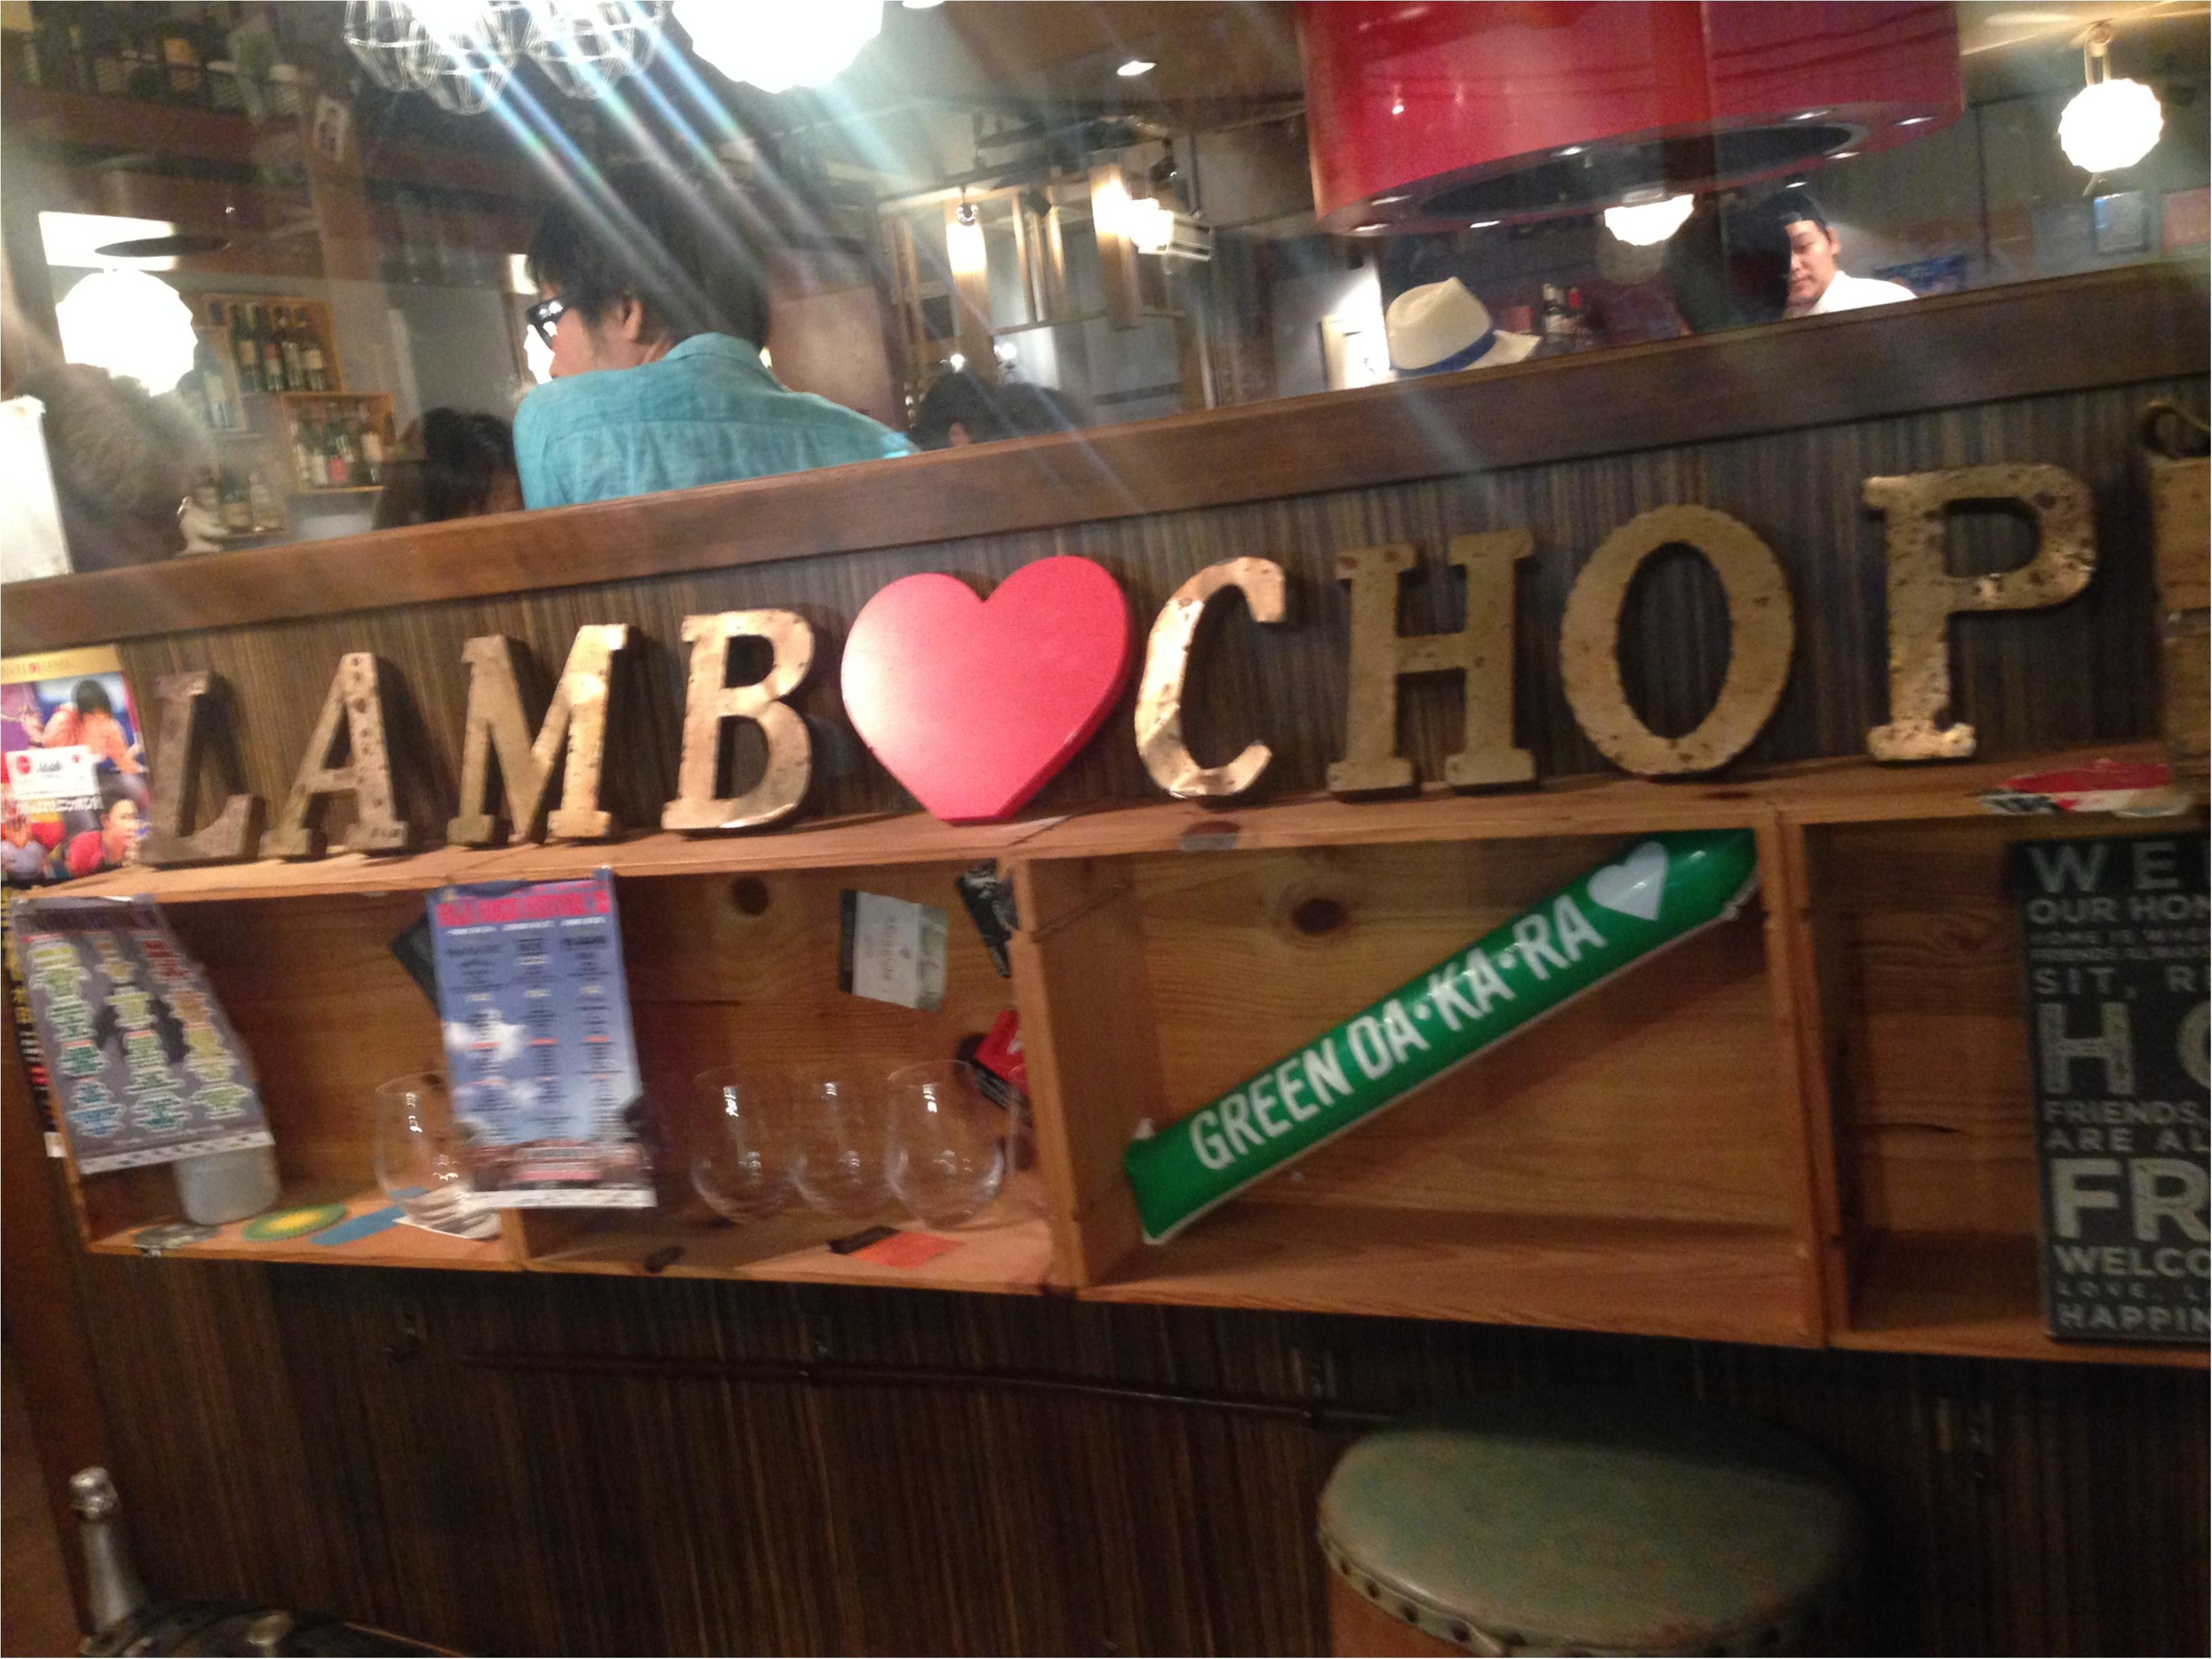 ヘルシーおいすぃー!ラムチョップを食べにいこう〜\(^o^)/_4